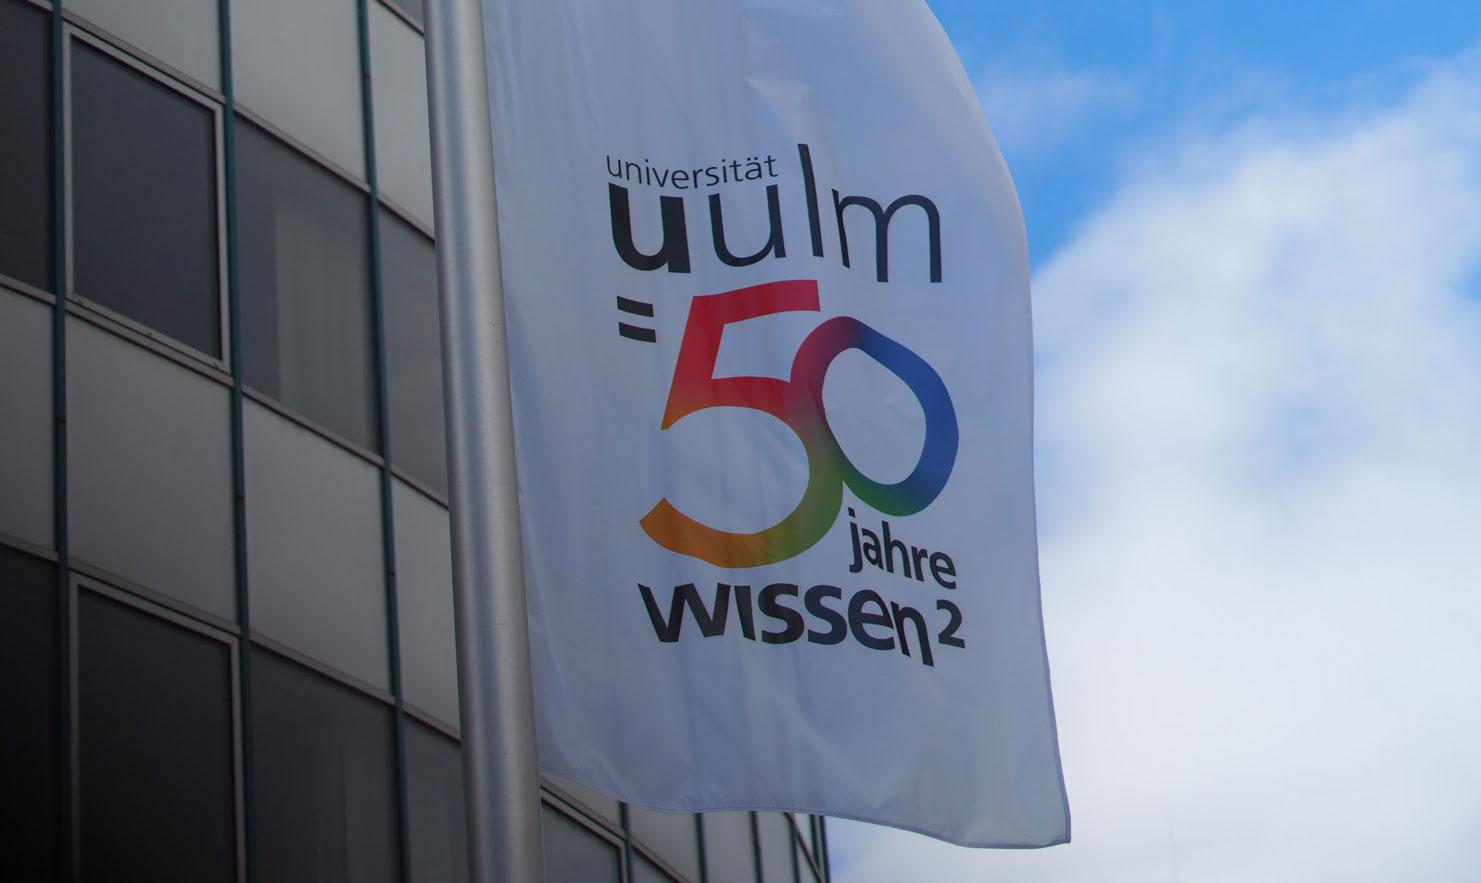 Flagge mit der 50 Jahre Jubiläums - Vignette, gestaltet von der Aksis Werbeagentur und Internetagentur Ulm